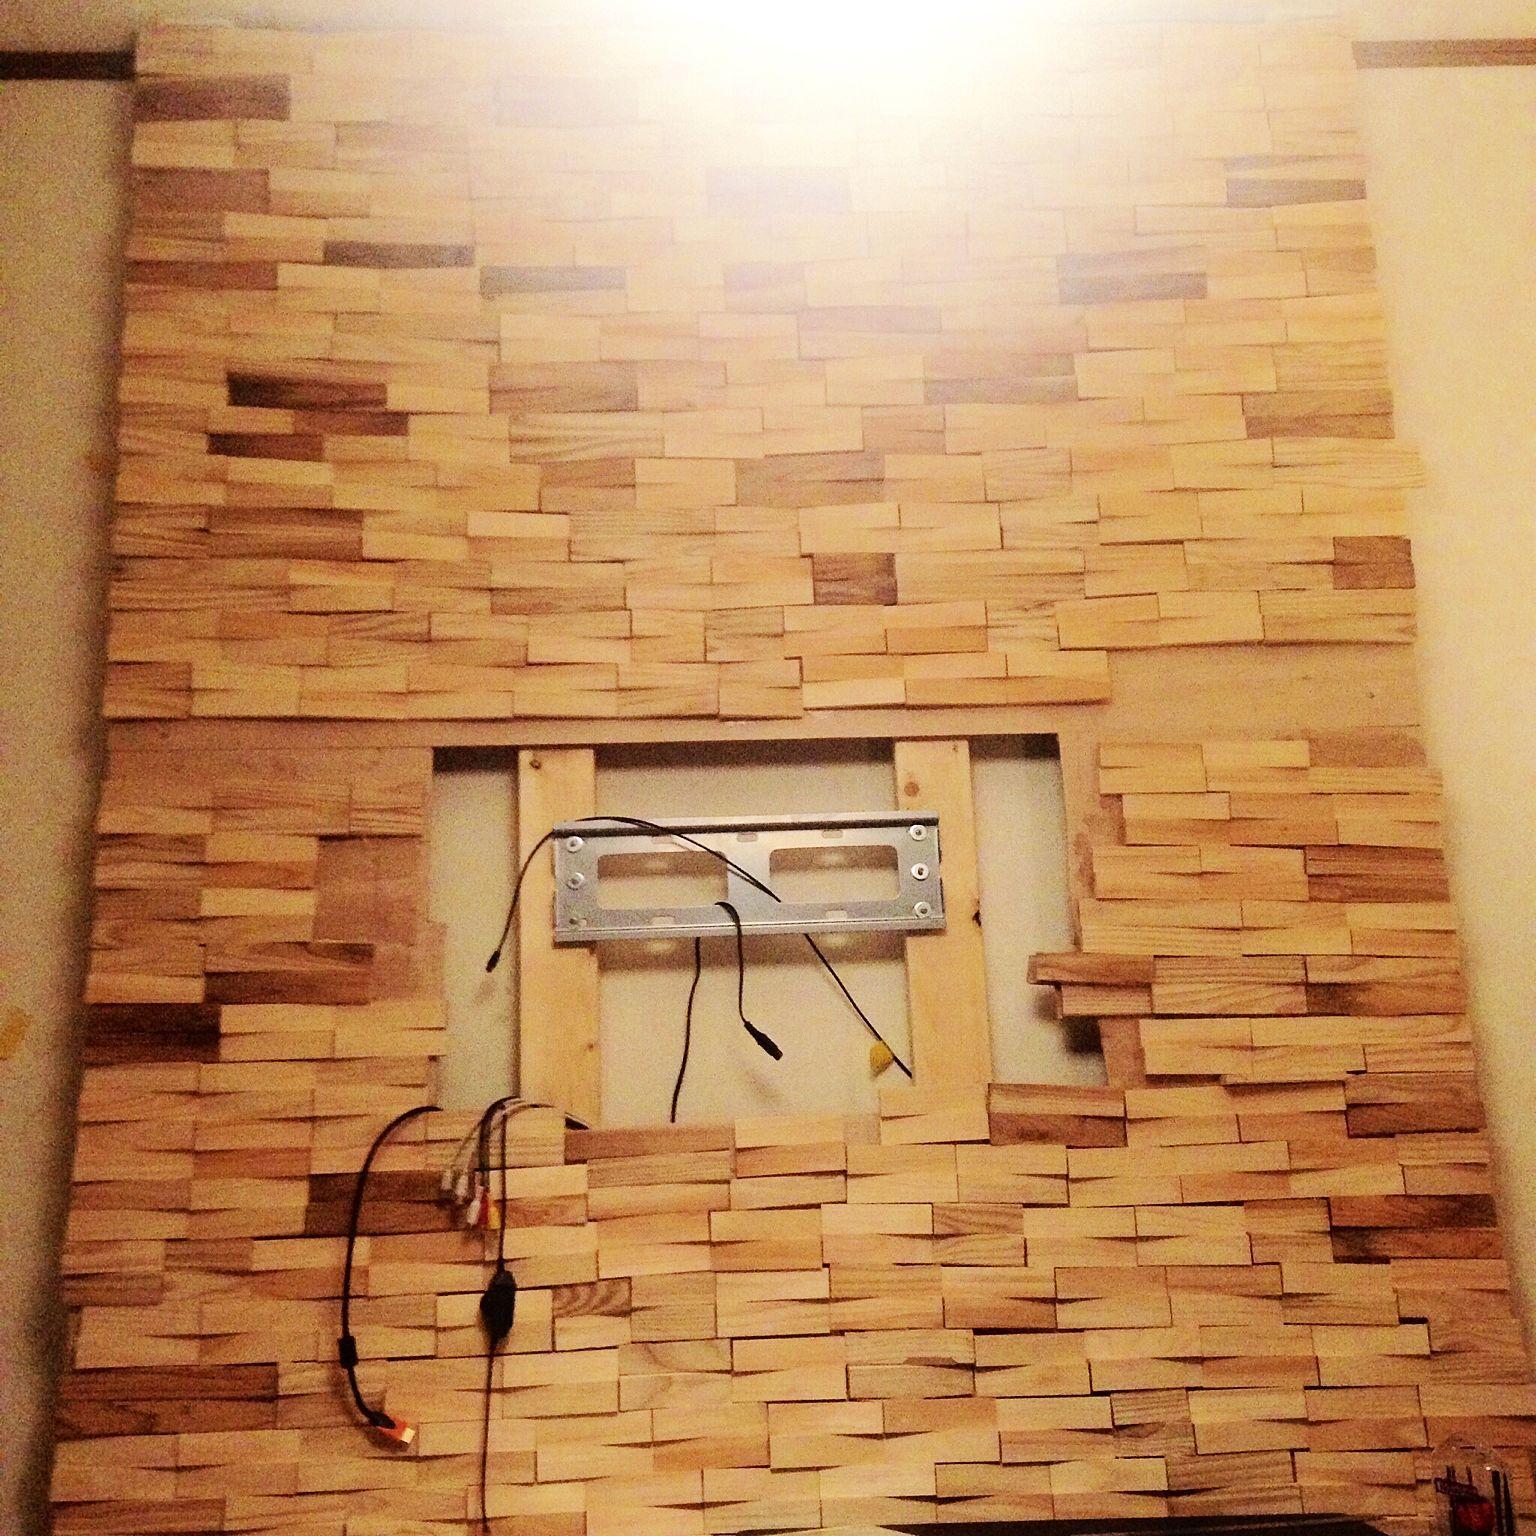 ディアウォールで壁をつくる 壁掛けtv用の金具を取り付けたところ 杉材 などのインテリア実例 2015 07 07